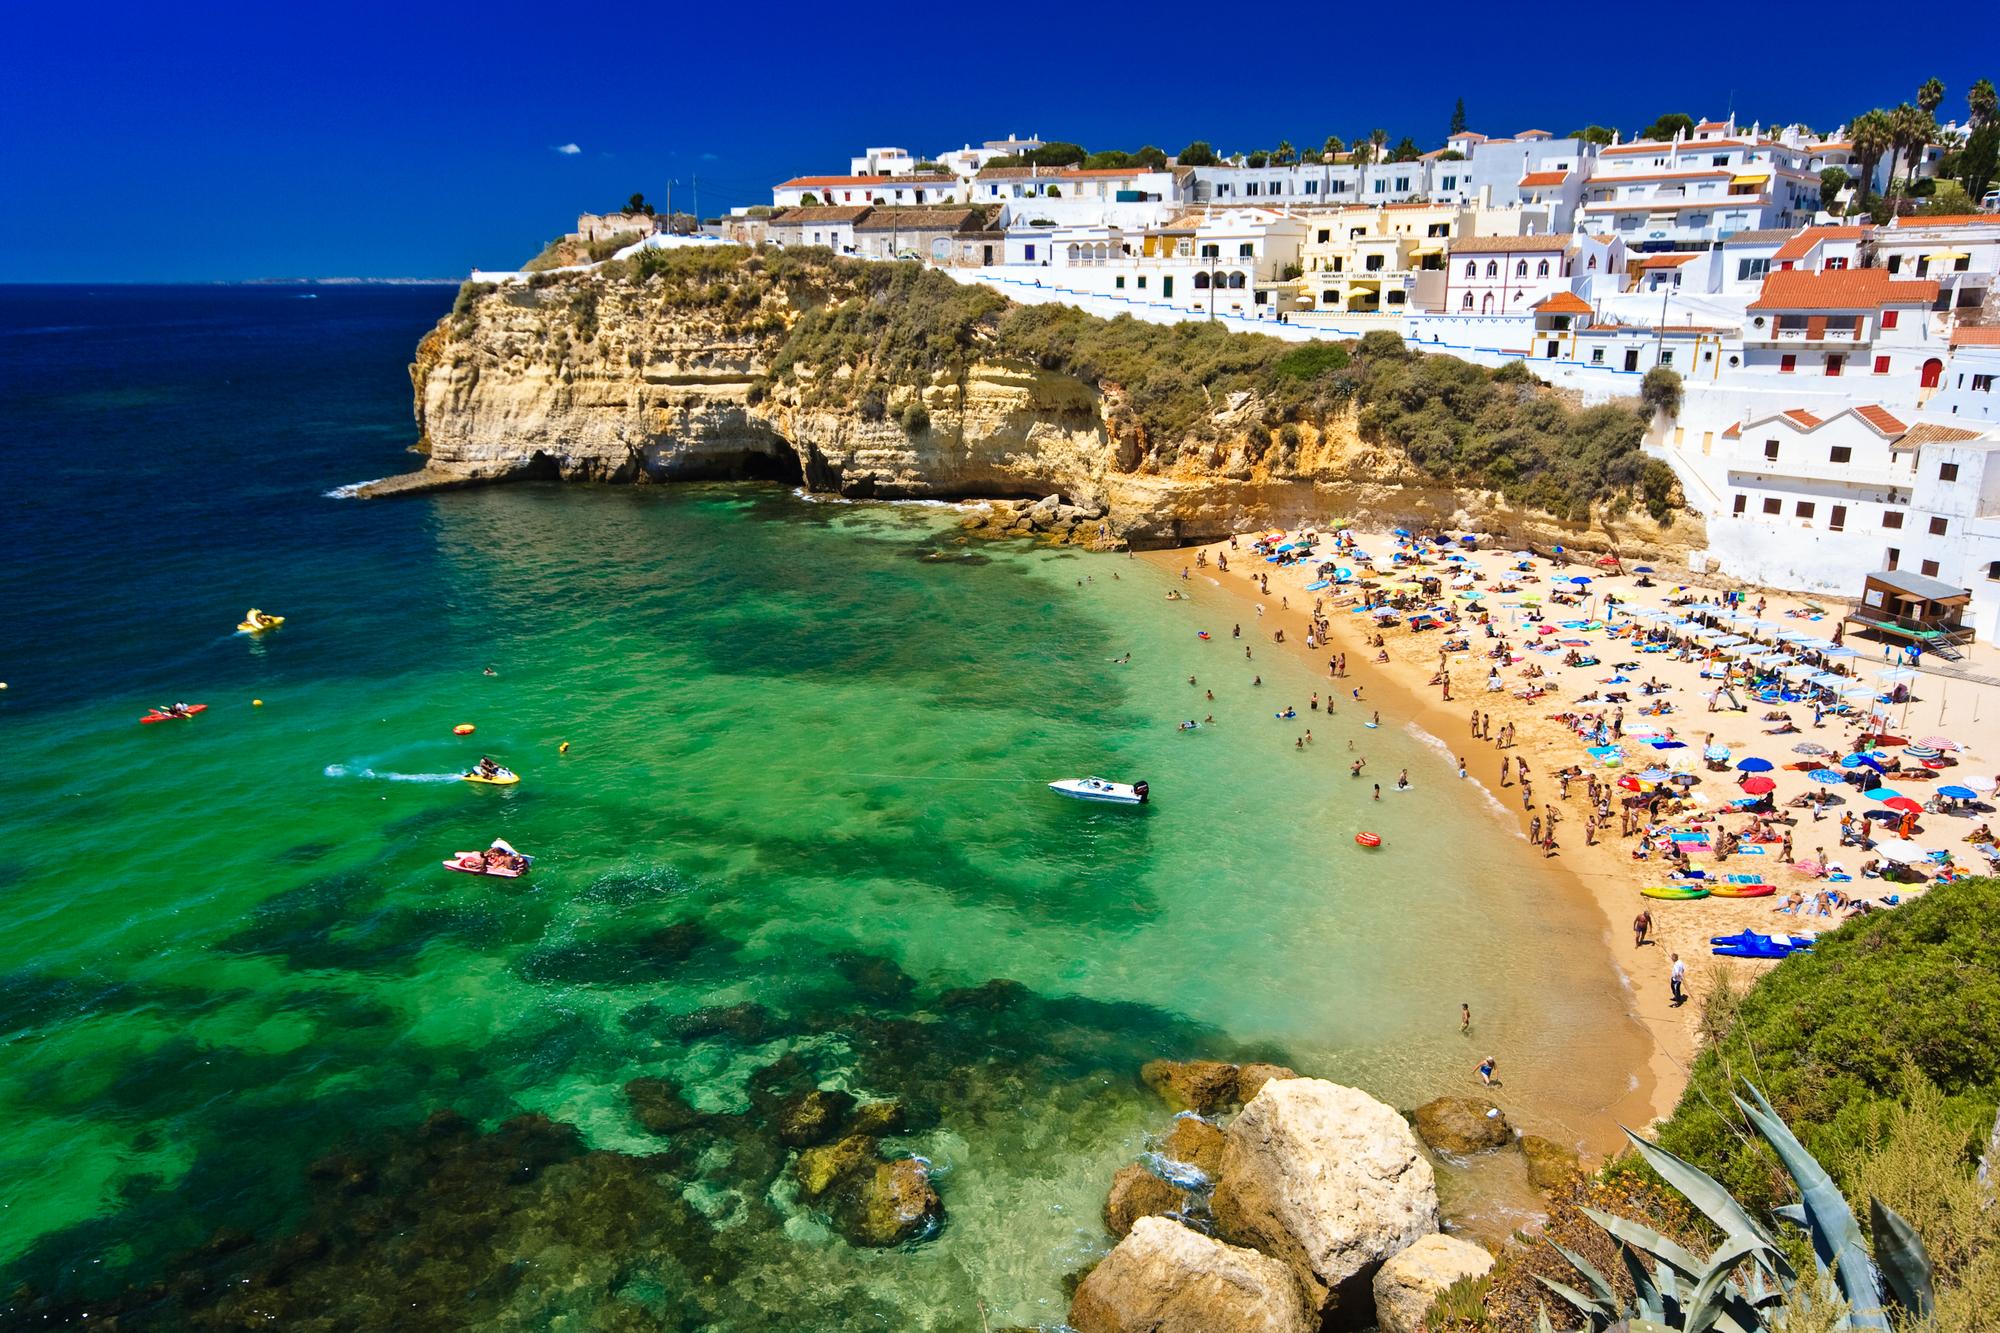 Les superbes plages de l'Algarve au Portugal. Attention car les contrôles à la frontière terrestre entre le Portugal et l'Espagne sont rétablis/crédit DepositPhoto